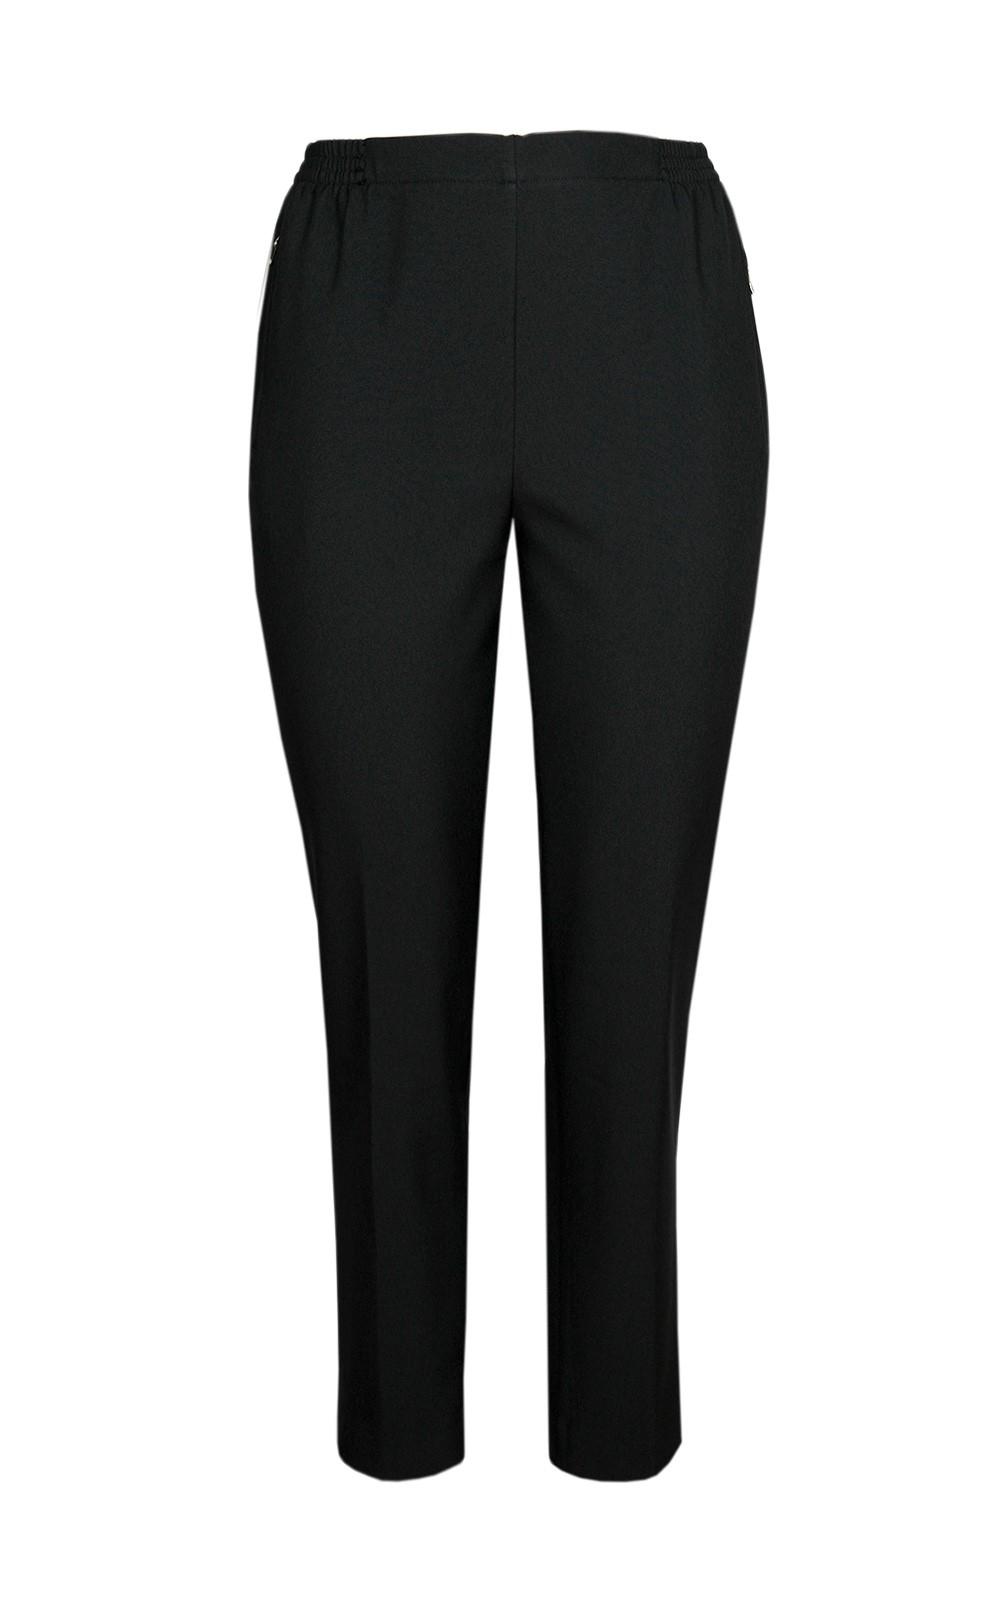 Damen Thermo Schlupfhose, warme Winterhose aus Doppelschicht Stoff, K-Größen Black